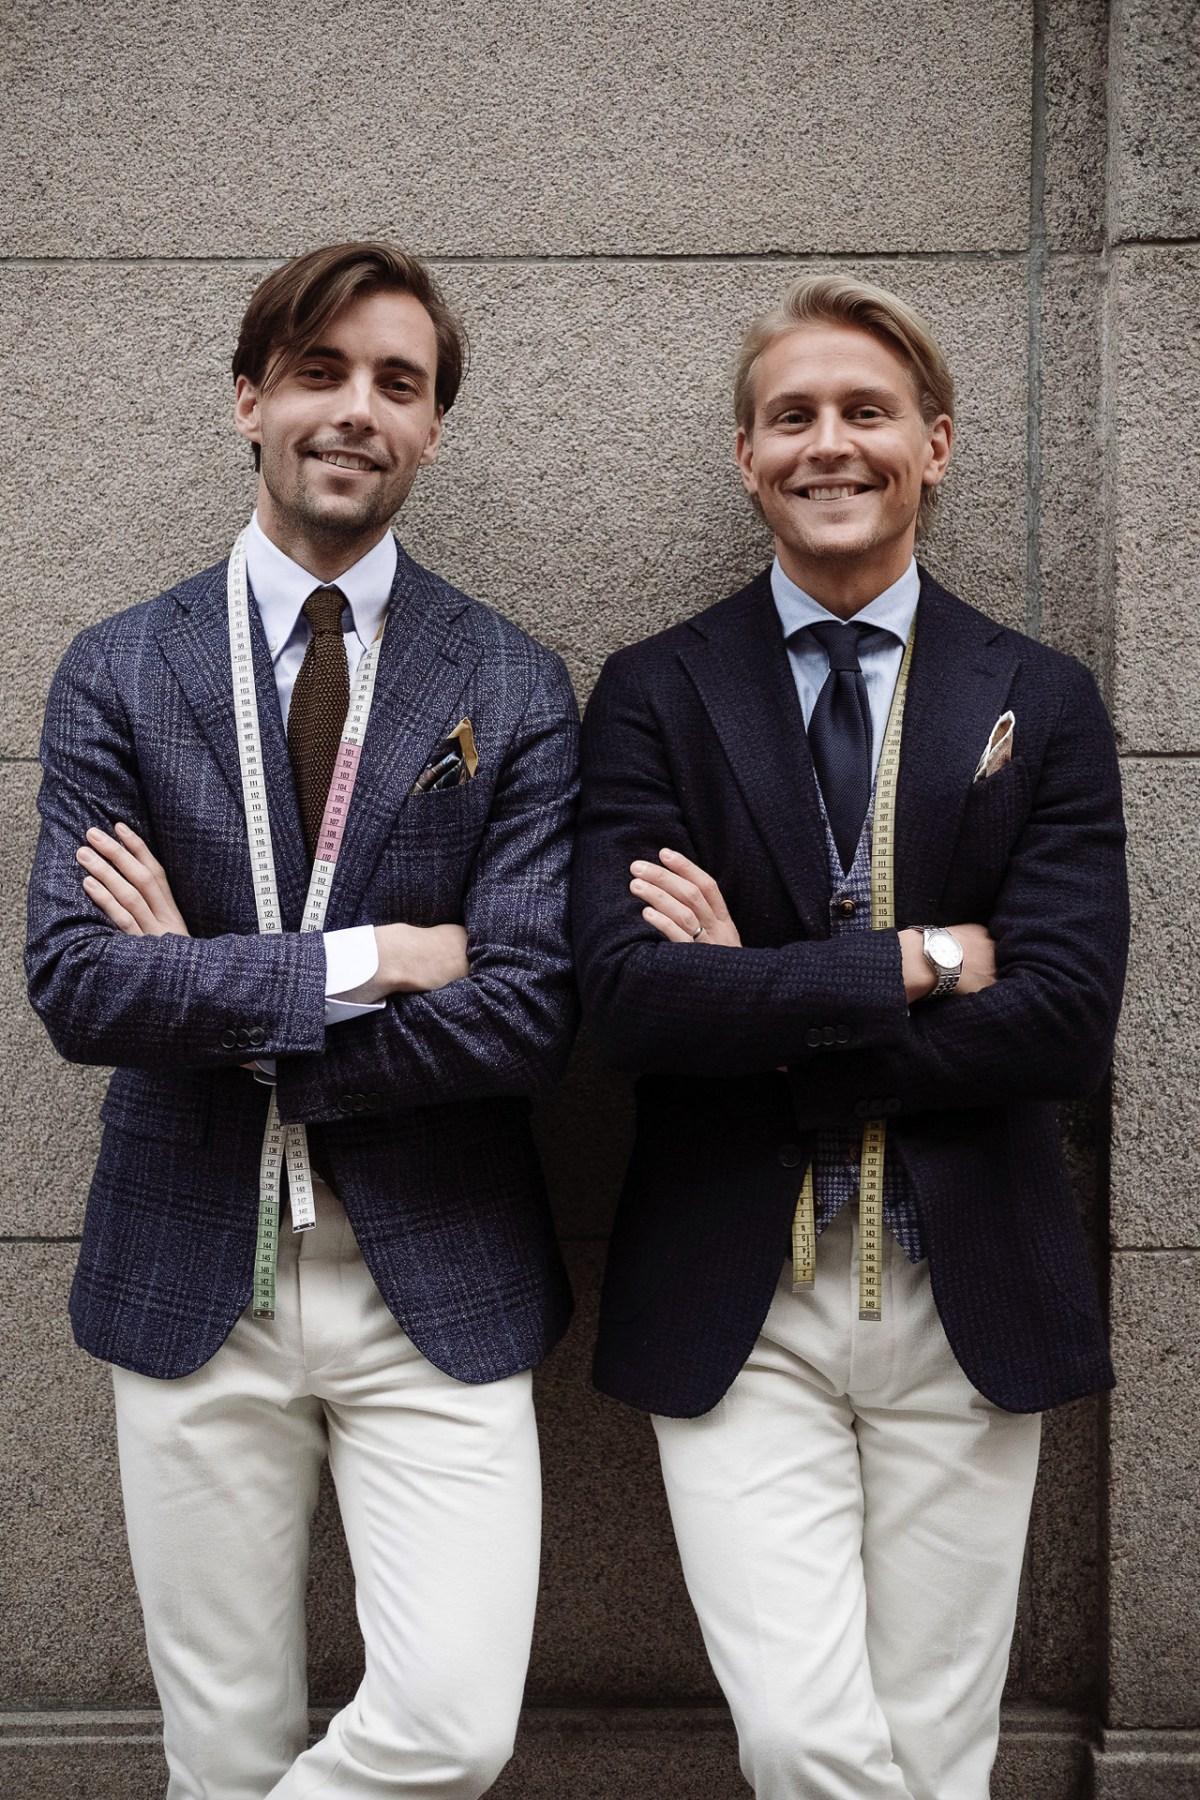 jak ubierają się szwedzi blugiallo